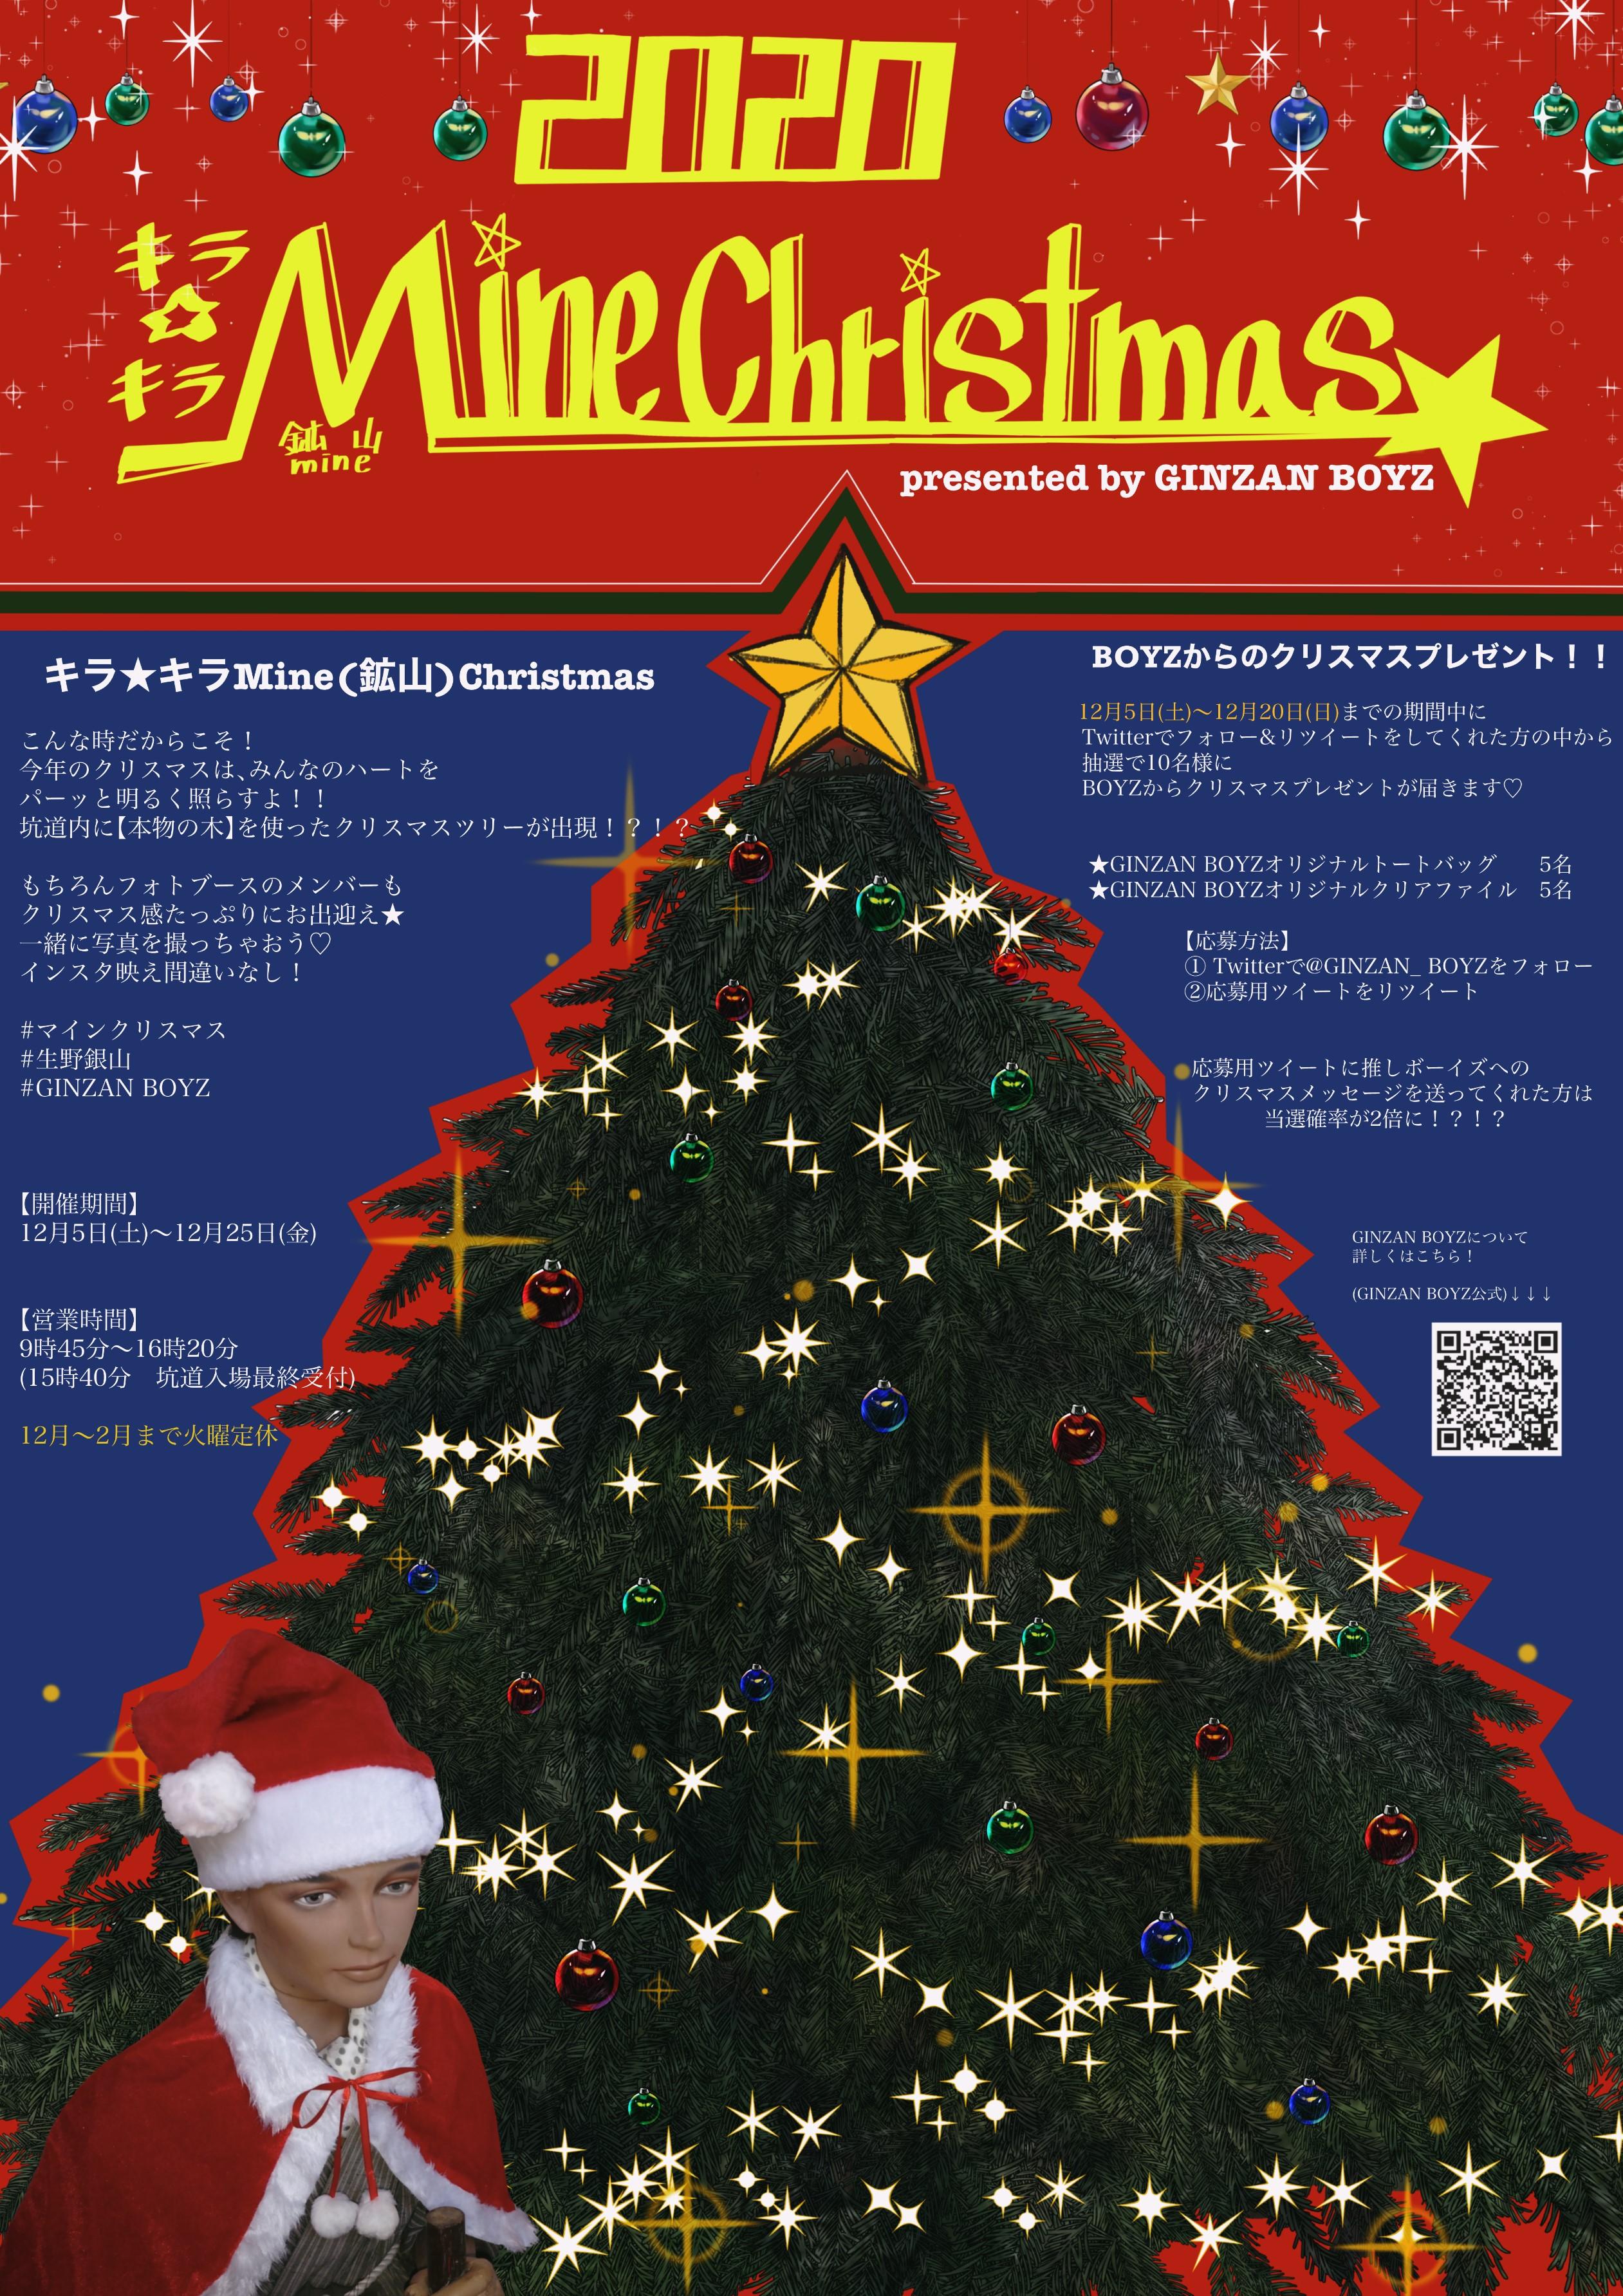 キラ☆キラMINE(鉱山)Christmas開催のお知らせ